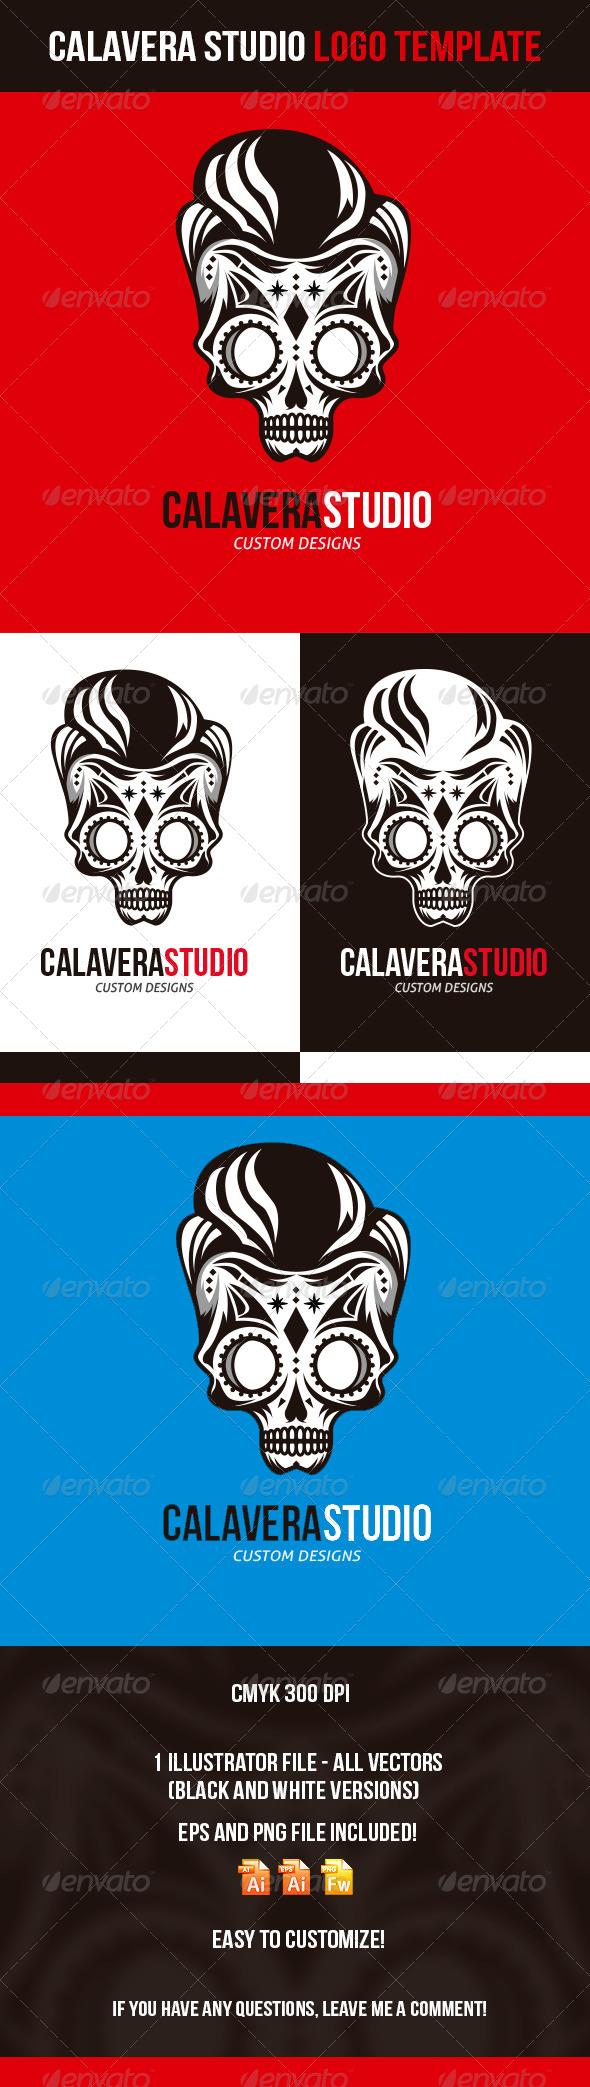 Calavera Studio Logo Template - Logo Templates